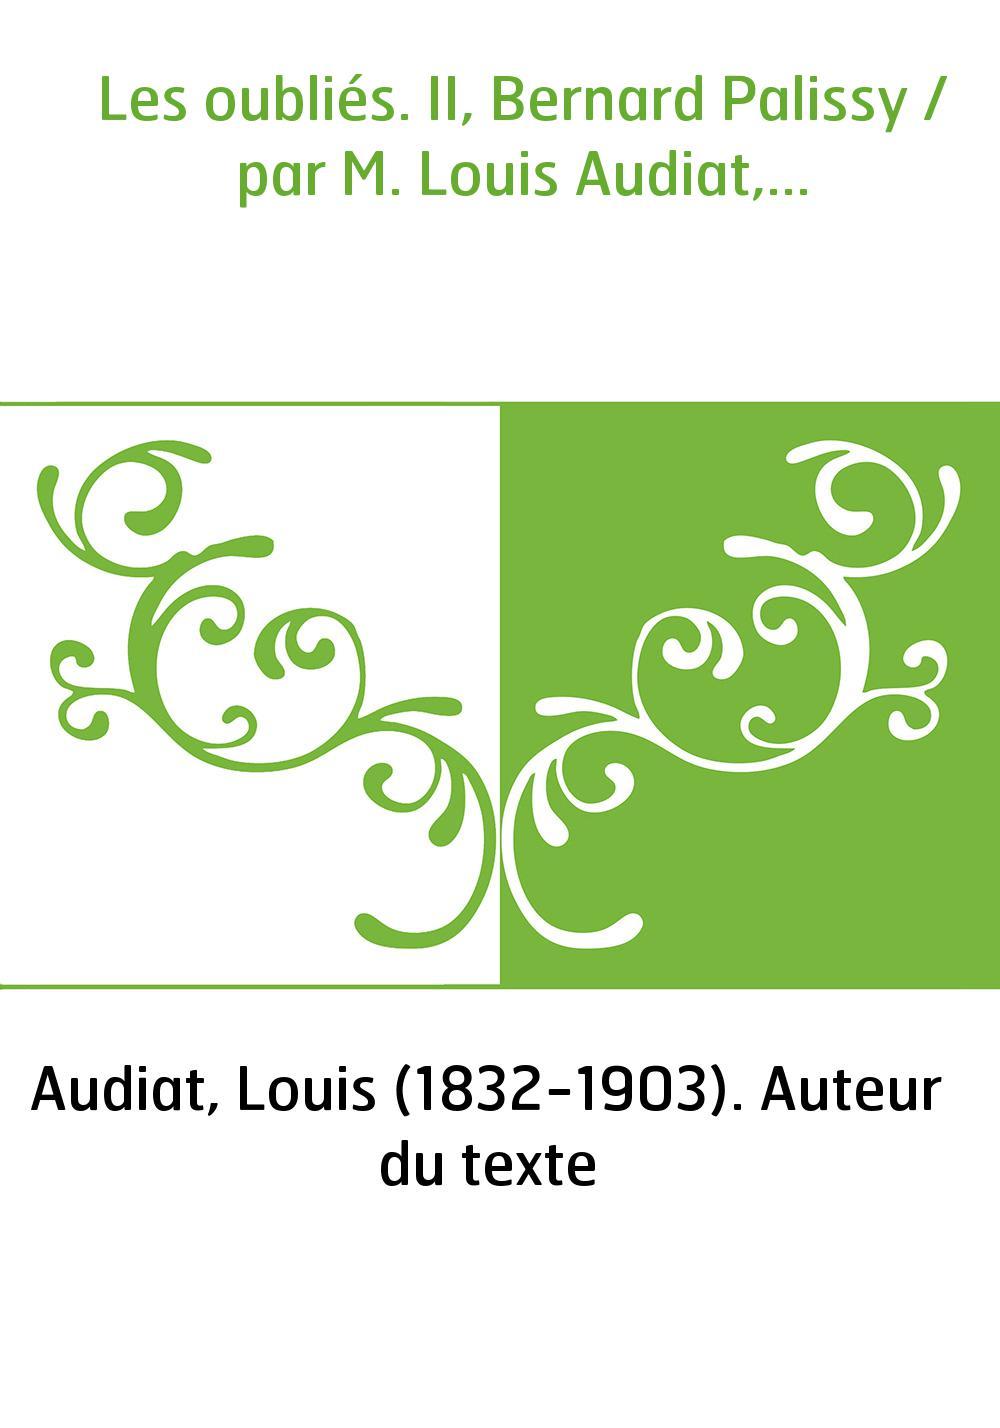 Les oubliés. II, Bernard Palissy / par M. Louis Audiat,...